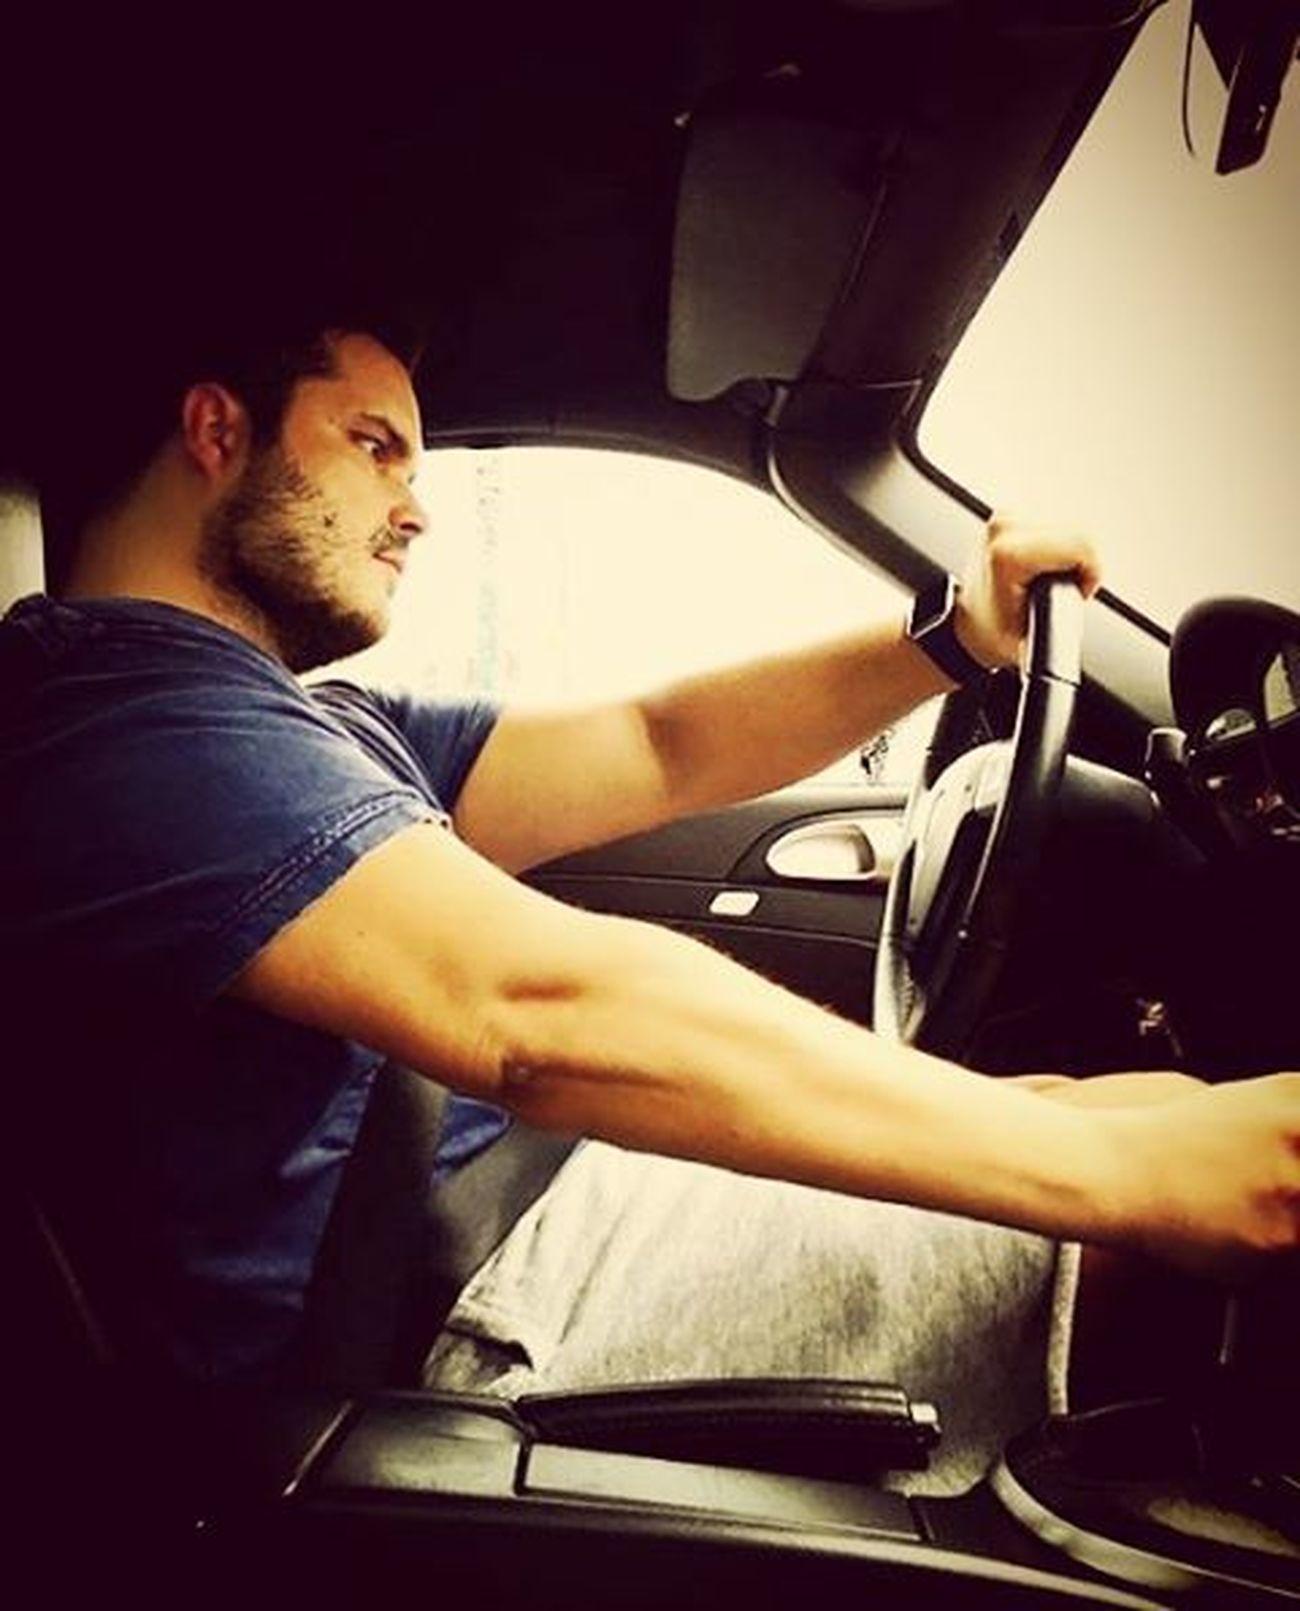 Μη μιλάτε,συγκεντρώνεται. °•°{January 11th} αθηνούλα φύγαμεγιαακτήπειραιώς ερχόμαστεναενοχλήσουμετηνπρόβασας ελεωνοράκι πάρης Driver Driving συγκεντρώσουαγόριμουδενσεενοχλούμε MyBoy Bestfriends FriendsAreFamily Havingfuninthecar τραγουδάμεκαιτοναποσυγκεντρώνουμε συγνώμηπάρη αλήθεια VSCO Vscolove Vscocar Vscofriends Vscodriving Instagreece Instaathens Instafun Instamondays Instalifo instadaily